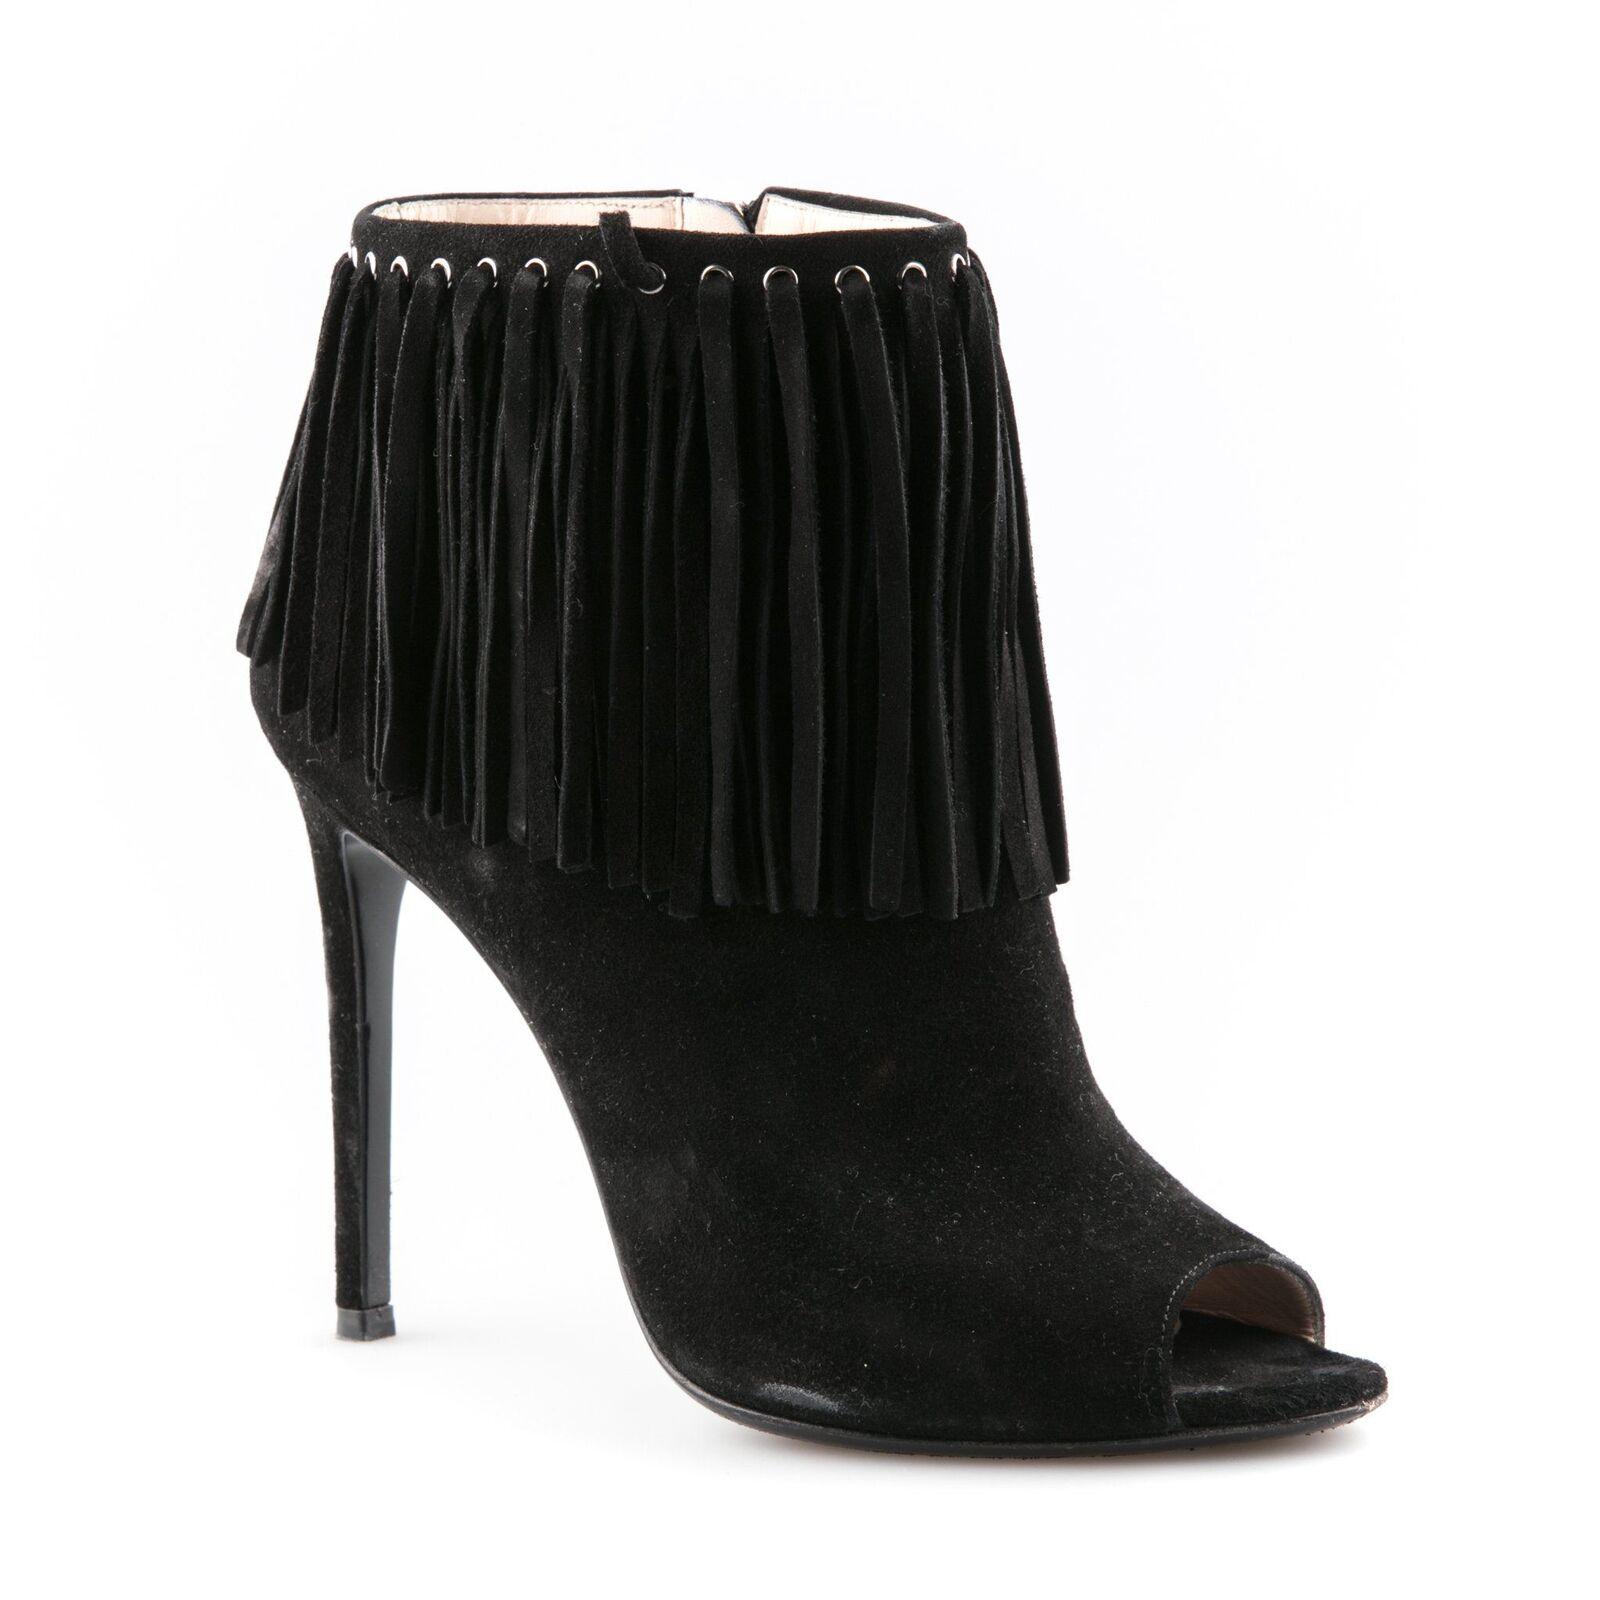 Prada Open Toe Suede Fringe Booties - Size 38